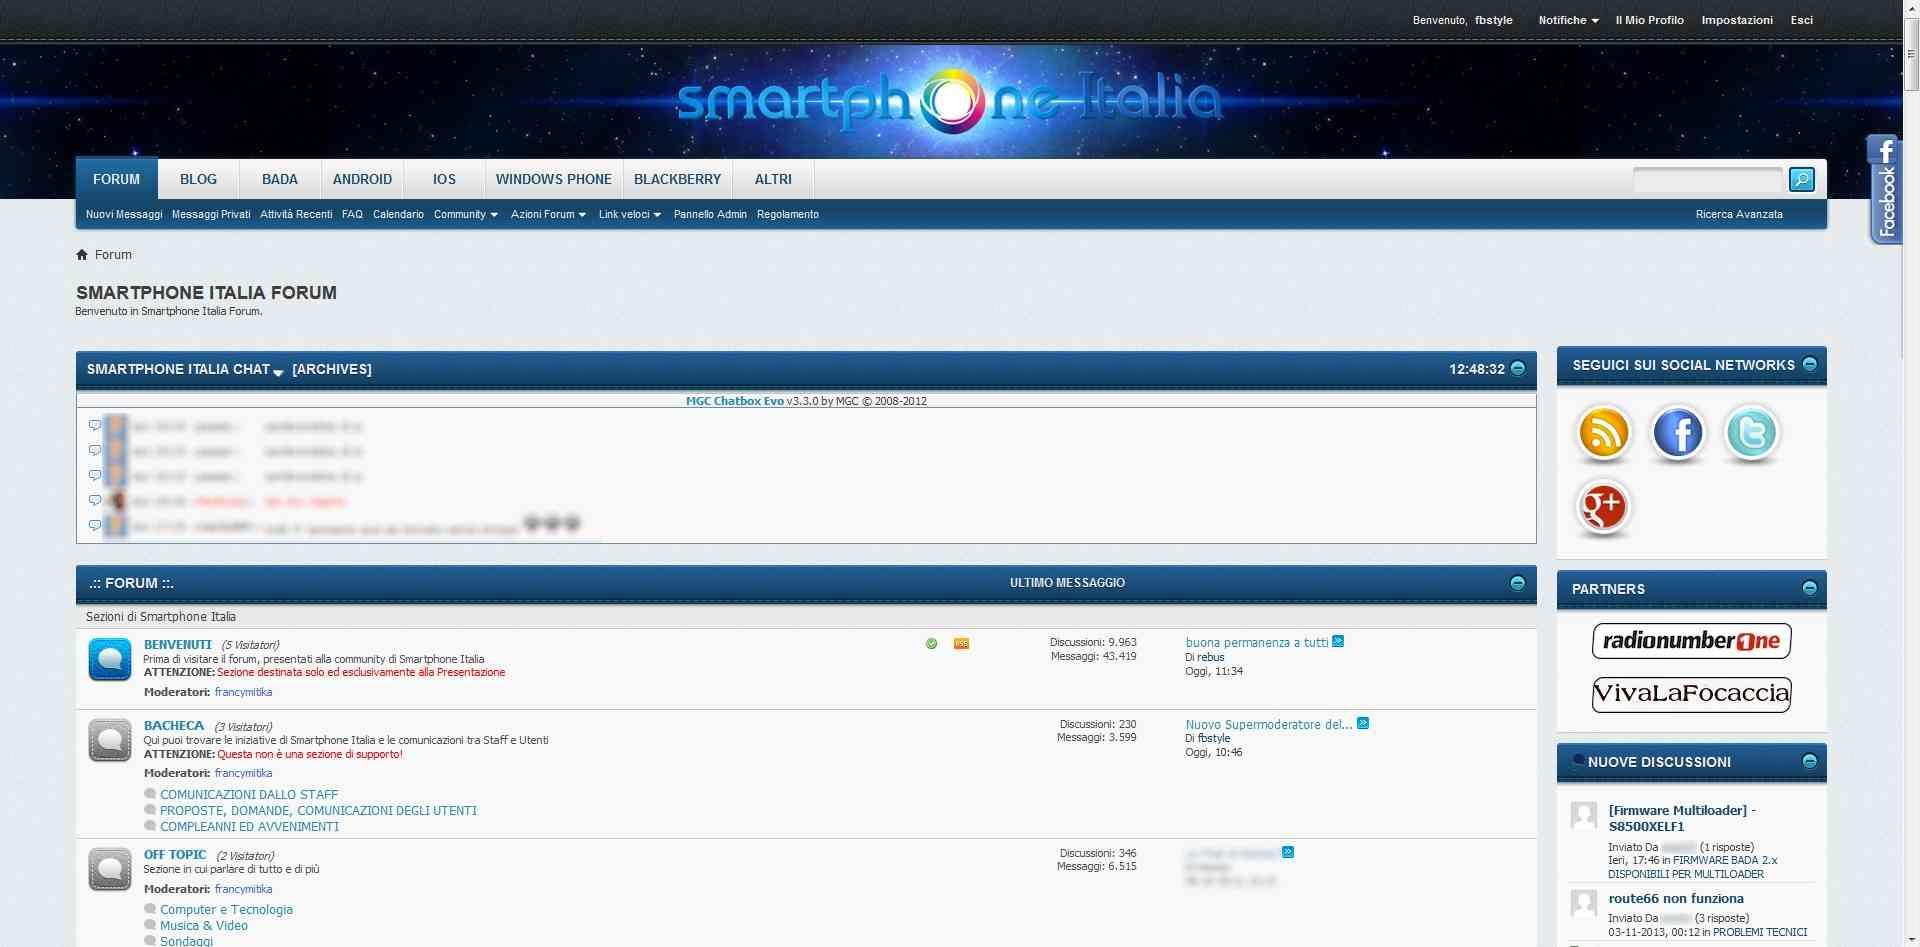 Smartphone-Italia-Forum